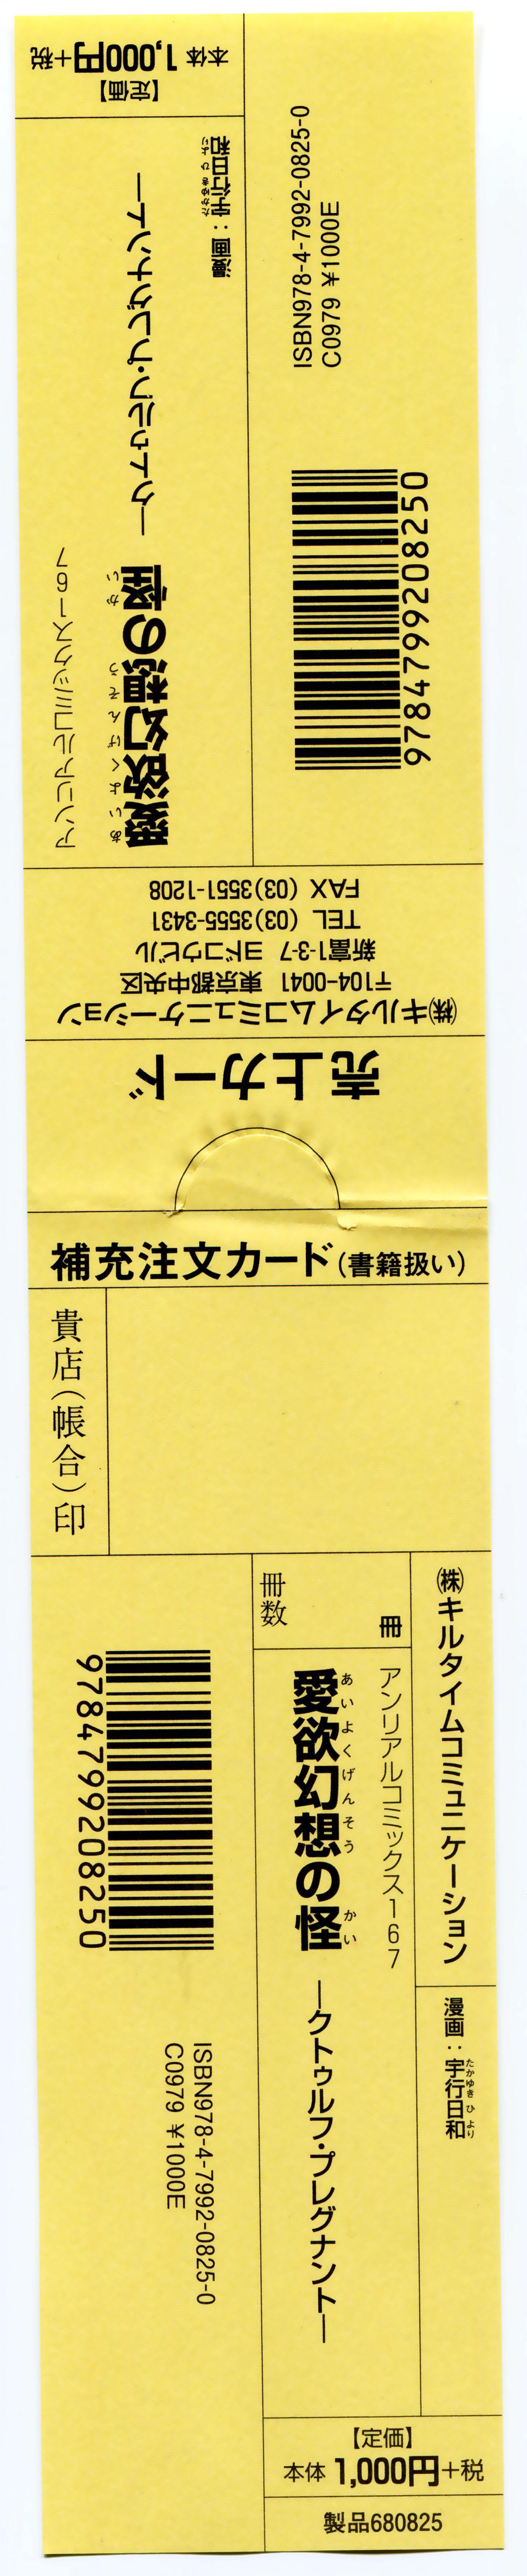 [Takayuki Hiyori] Nuru - Nyarlathotep - Sengao No Egao (Aiyoku Gensou no Kai -Cthulhu Pregnant-)[English][ChoriScans] 16